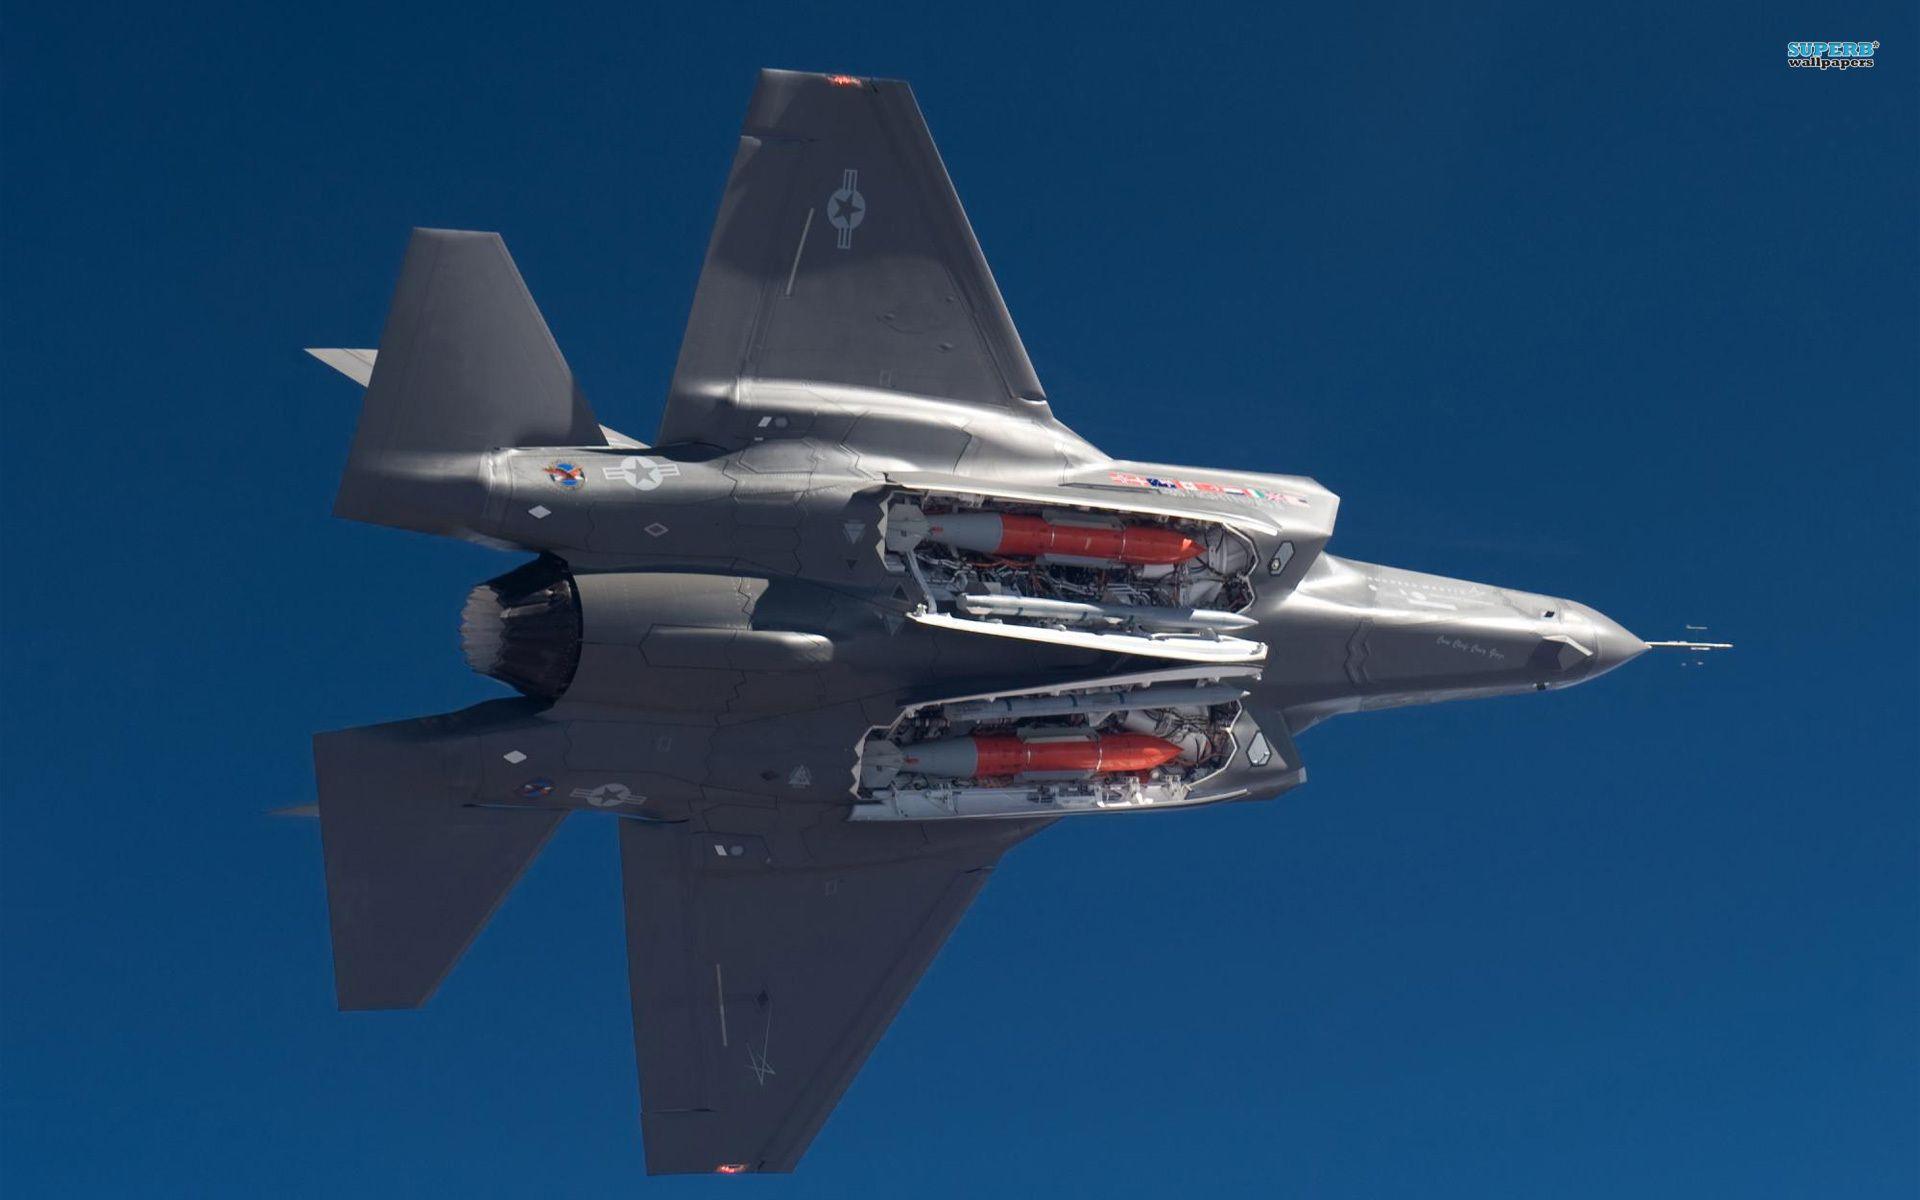 F-35 lightning | Lockheed Martin F-35 Lightning II wallpaper 1920x1200 & F-35 lightning | Lockheed Martin F-35 Lightning II wallpaper ...